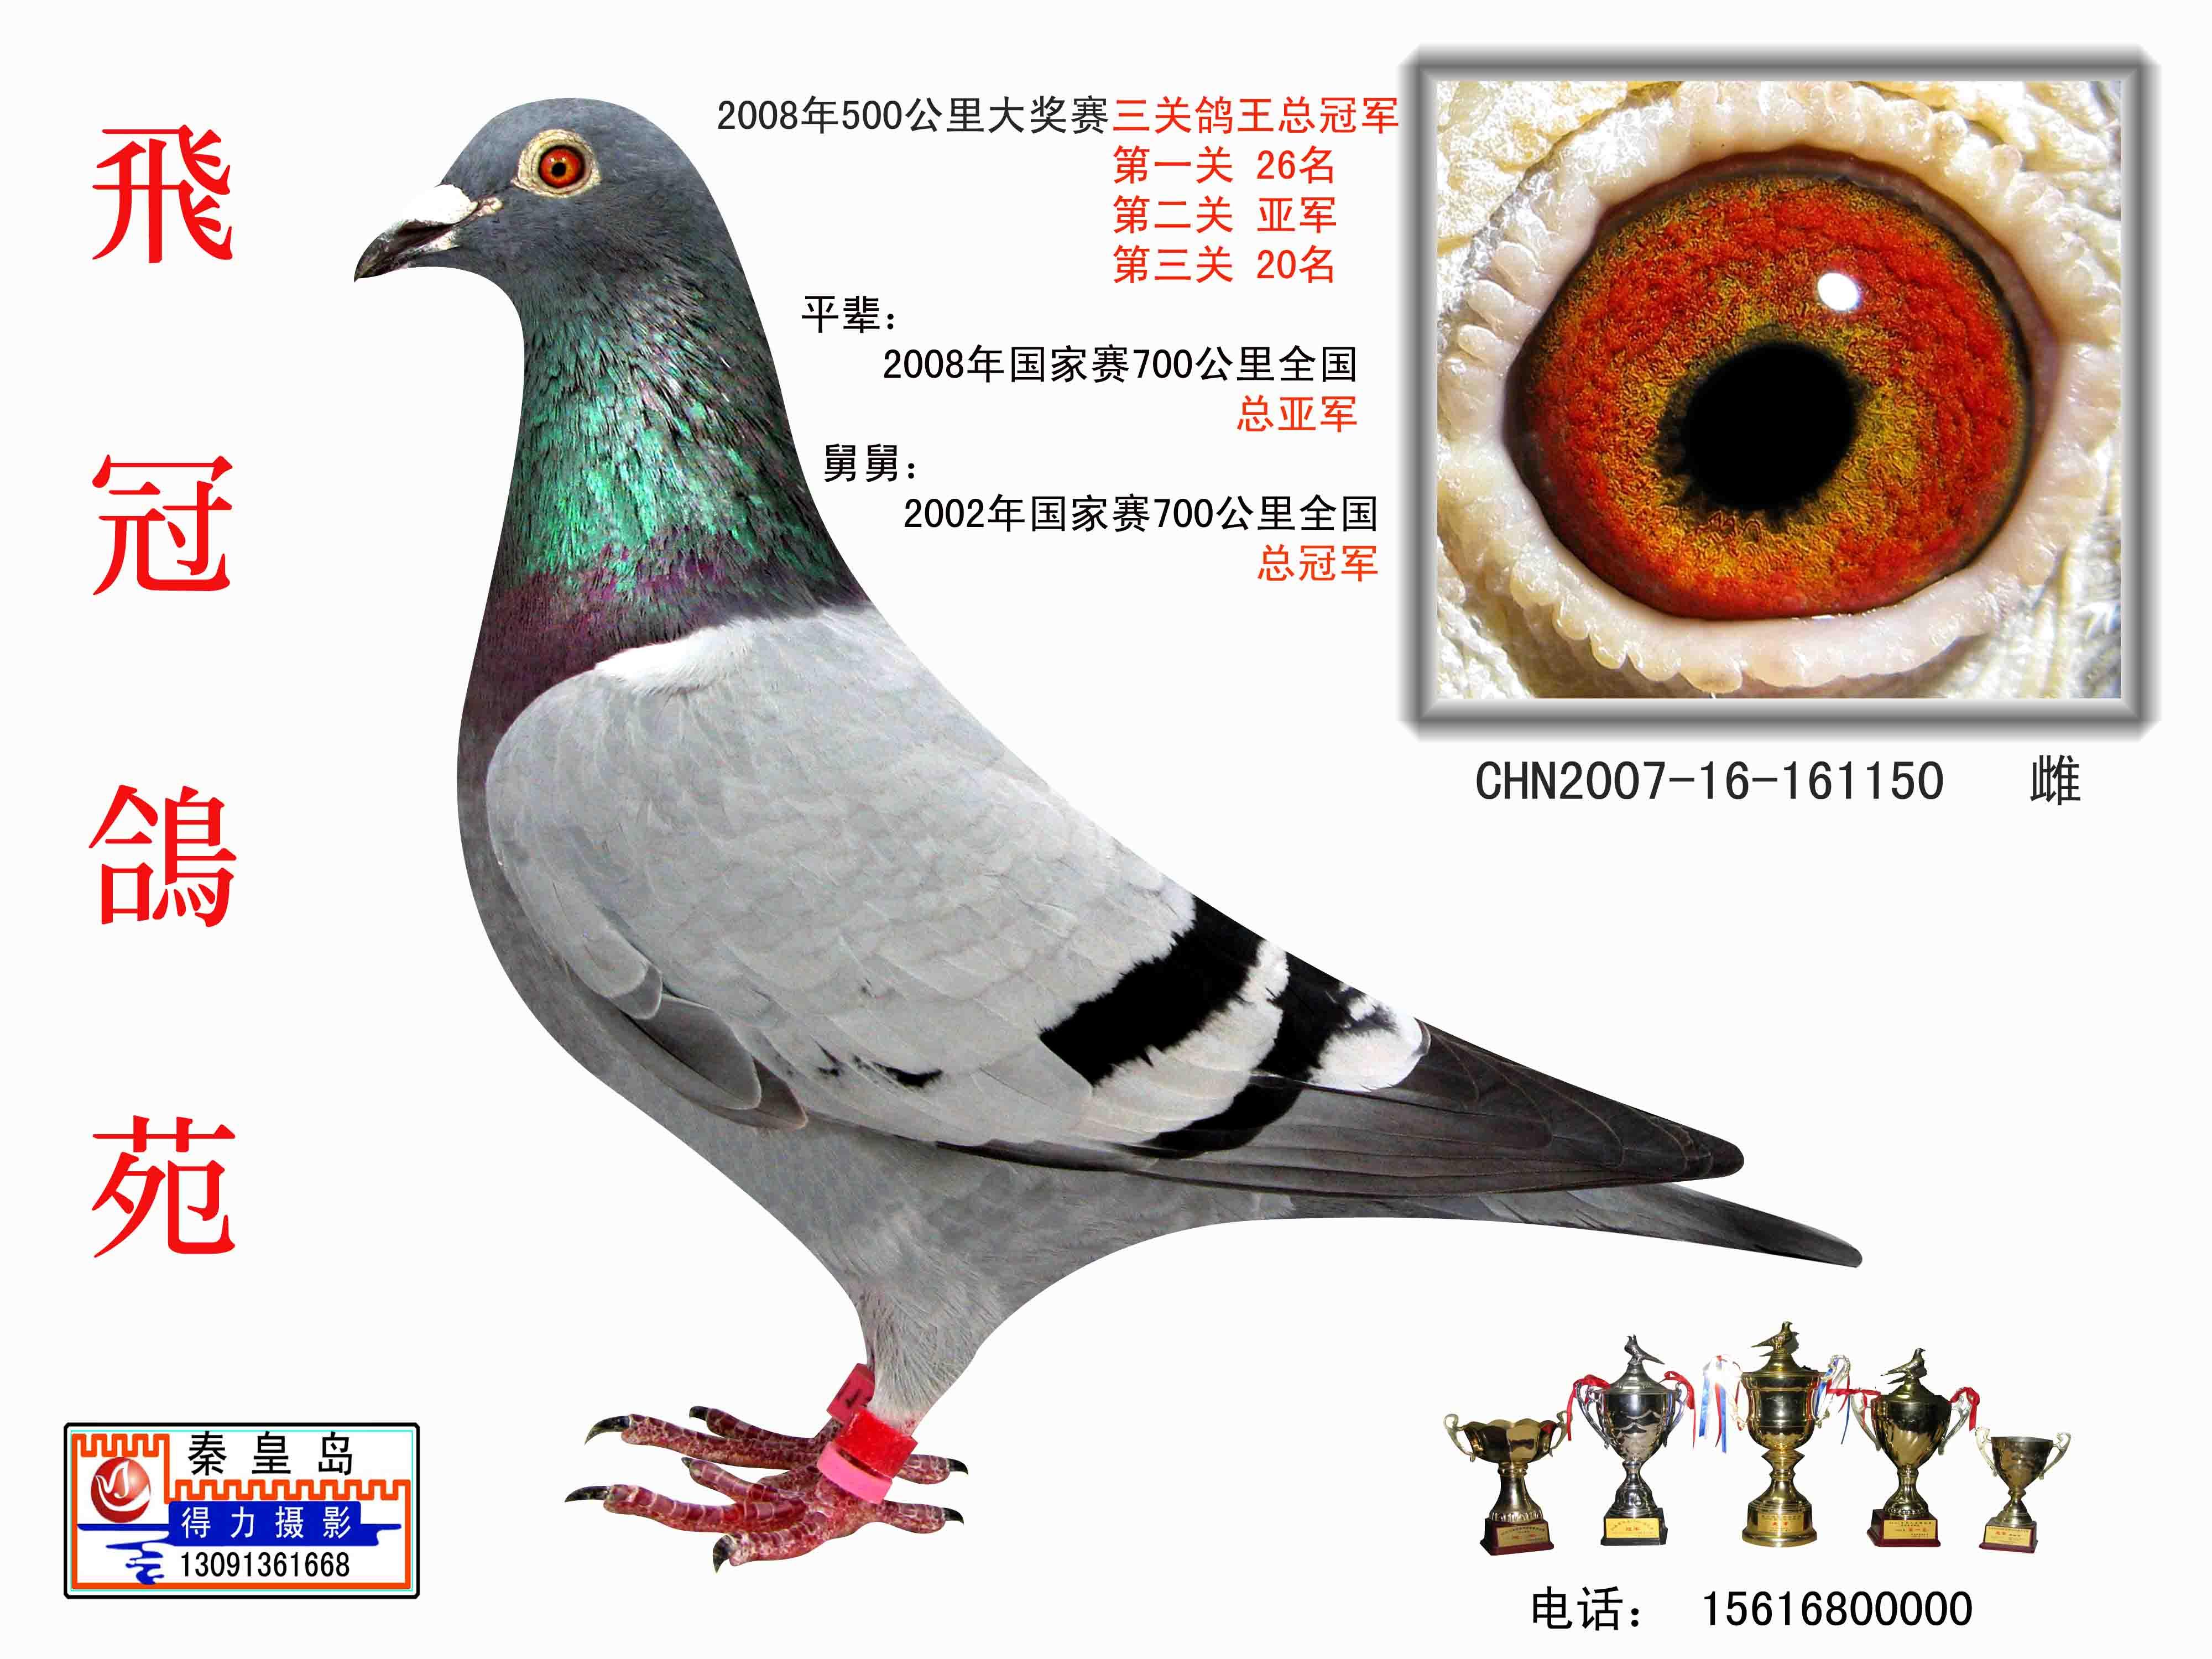 三关鸽王总冠军